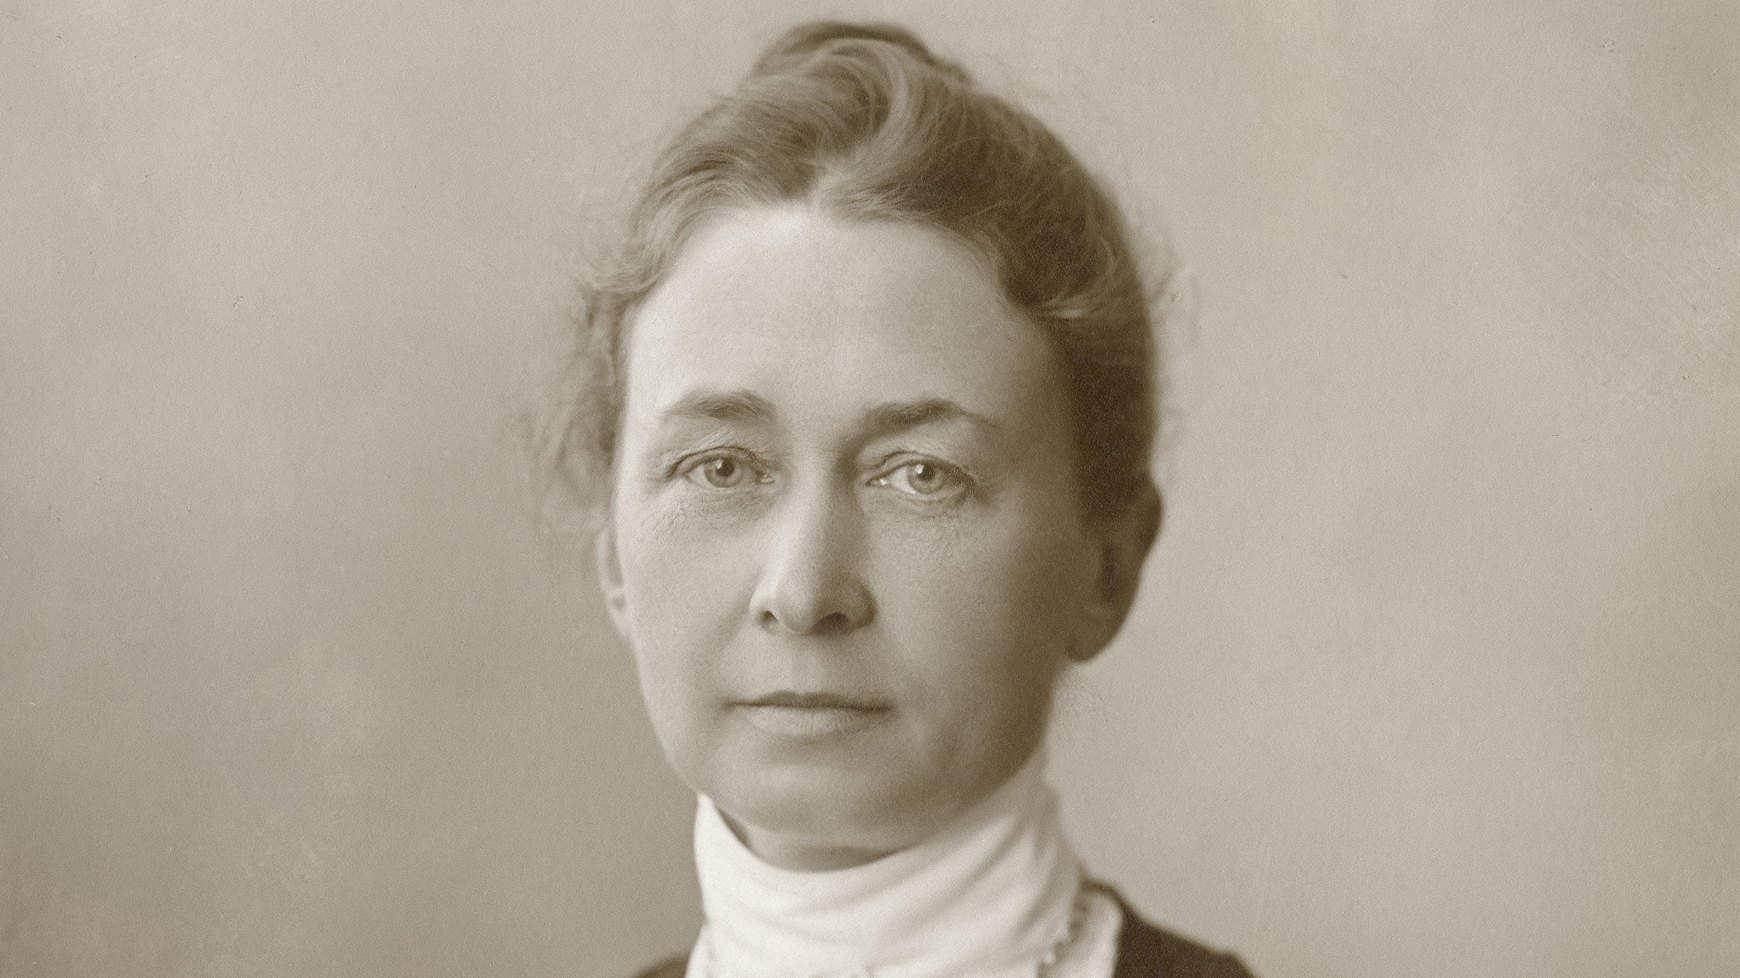 Hilma af Klint, Portrait, 1910